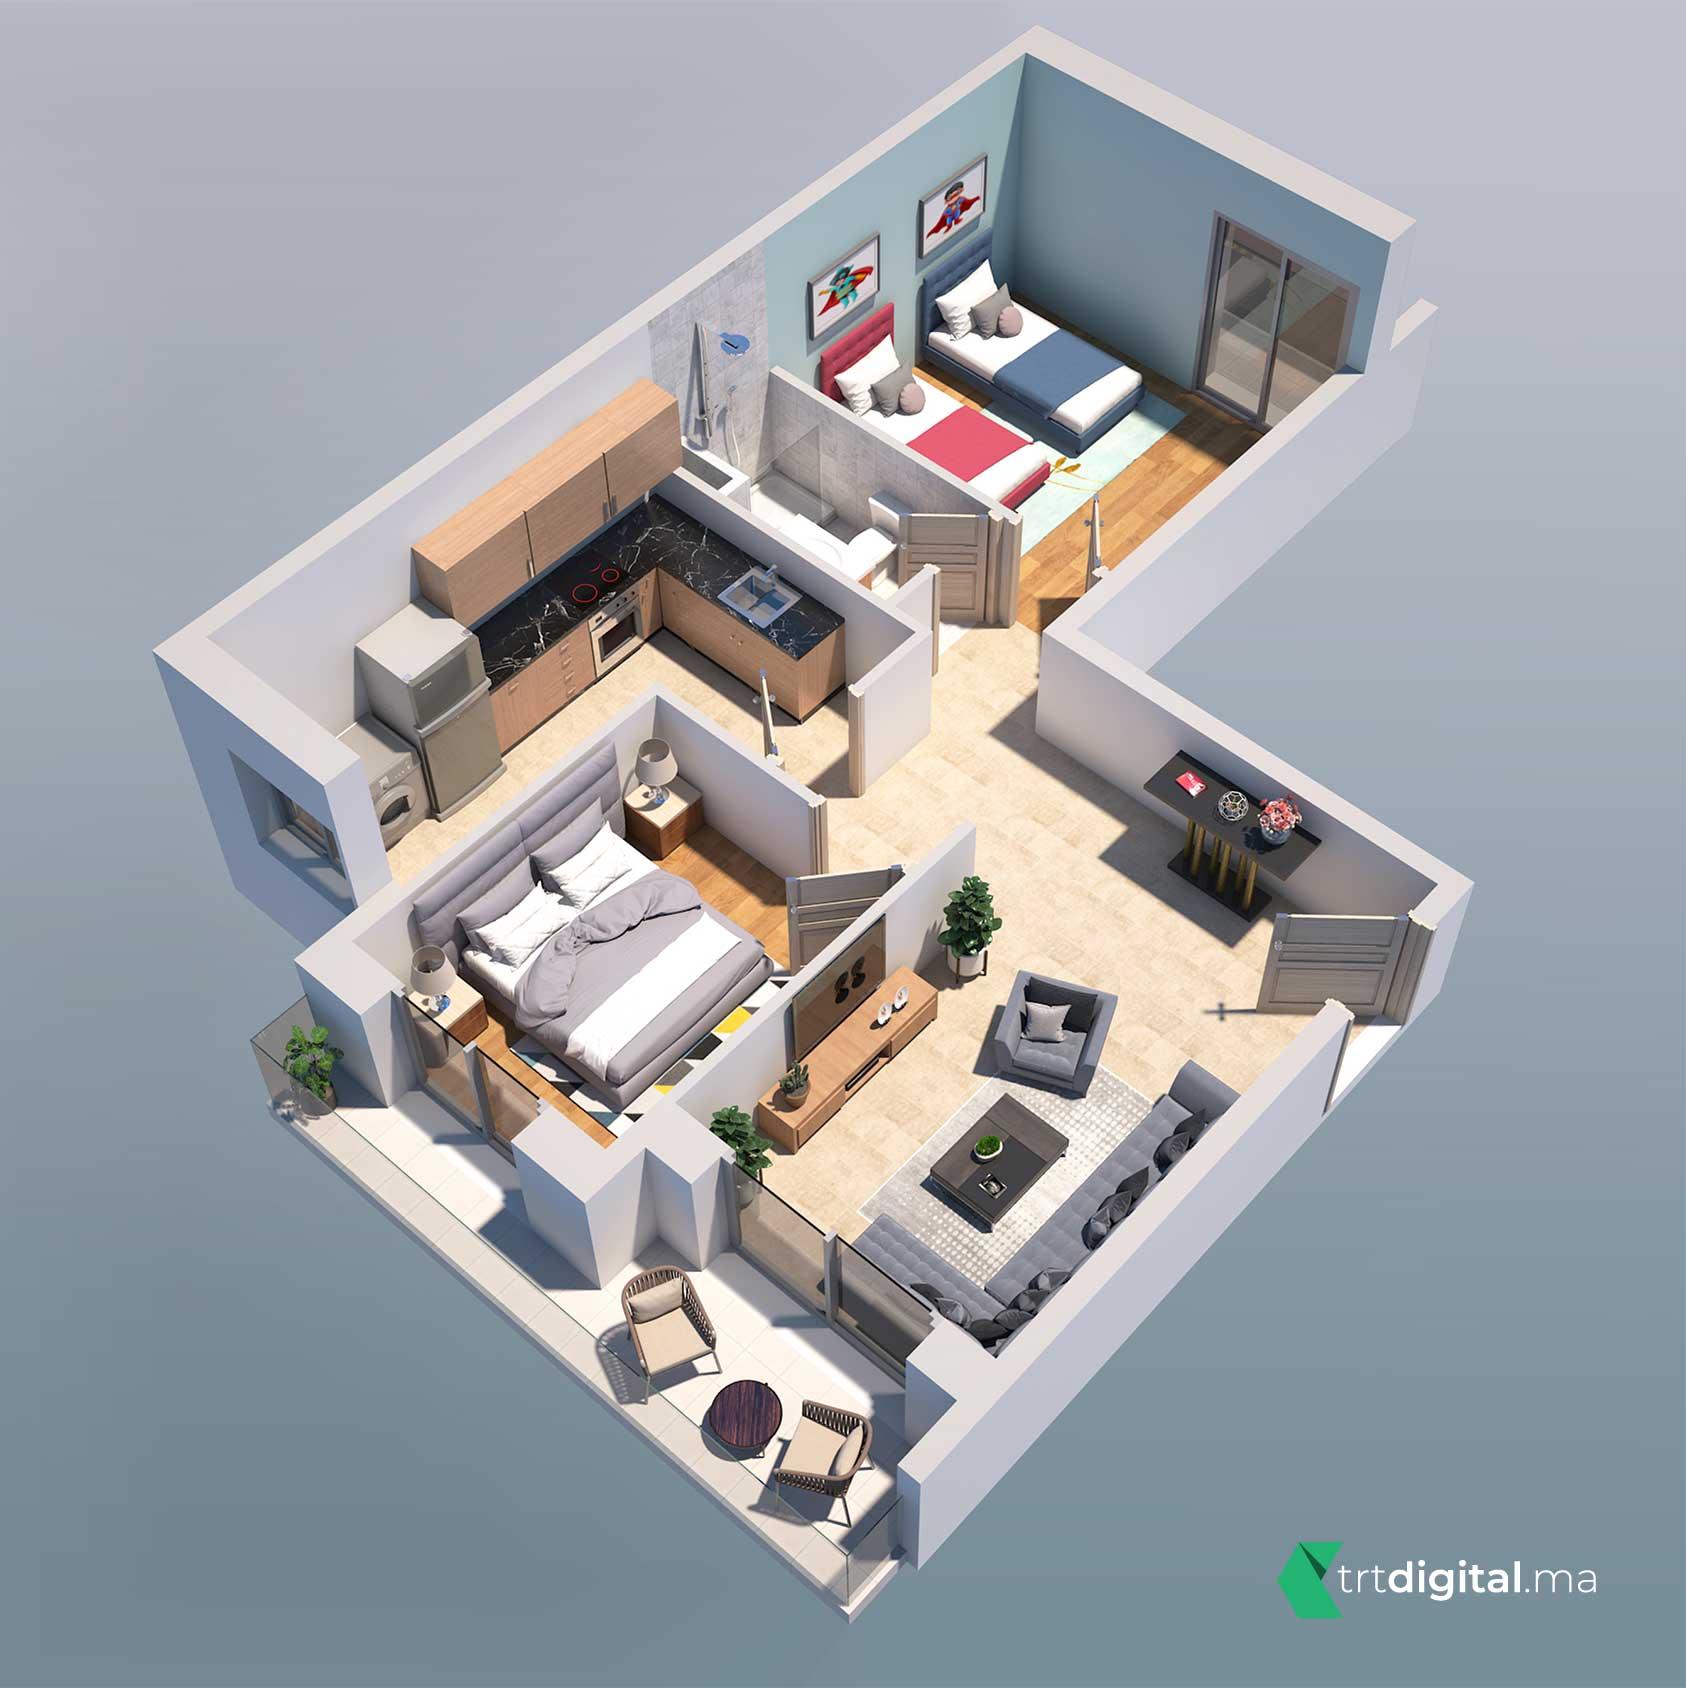 iCom-Agence-de-Communication-au-Maroc-Casablanca-creation-photo-archetecture-interieur-exterieur-3d2020-05-24 at 4.31.04 PM 15